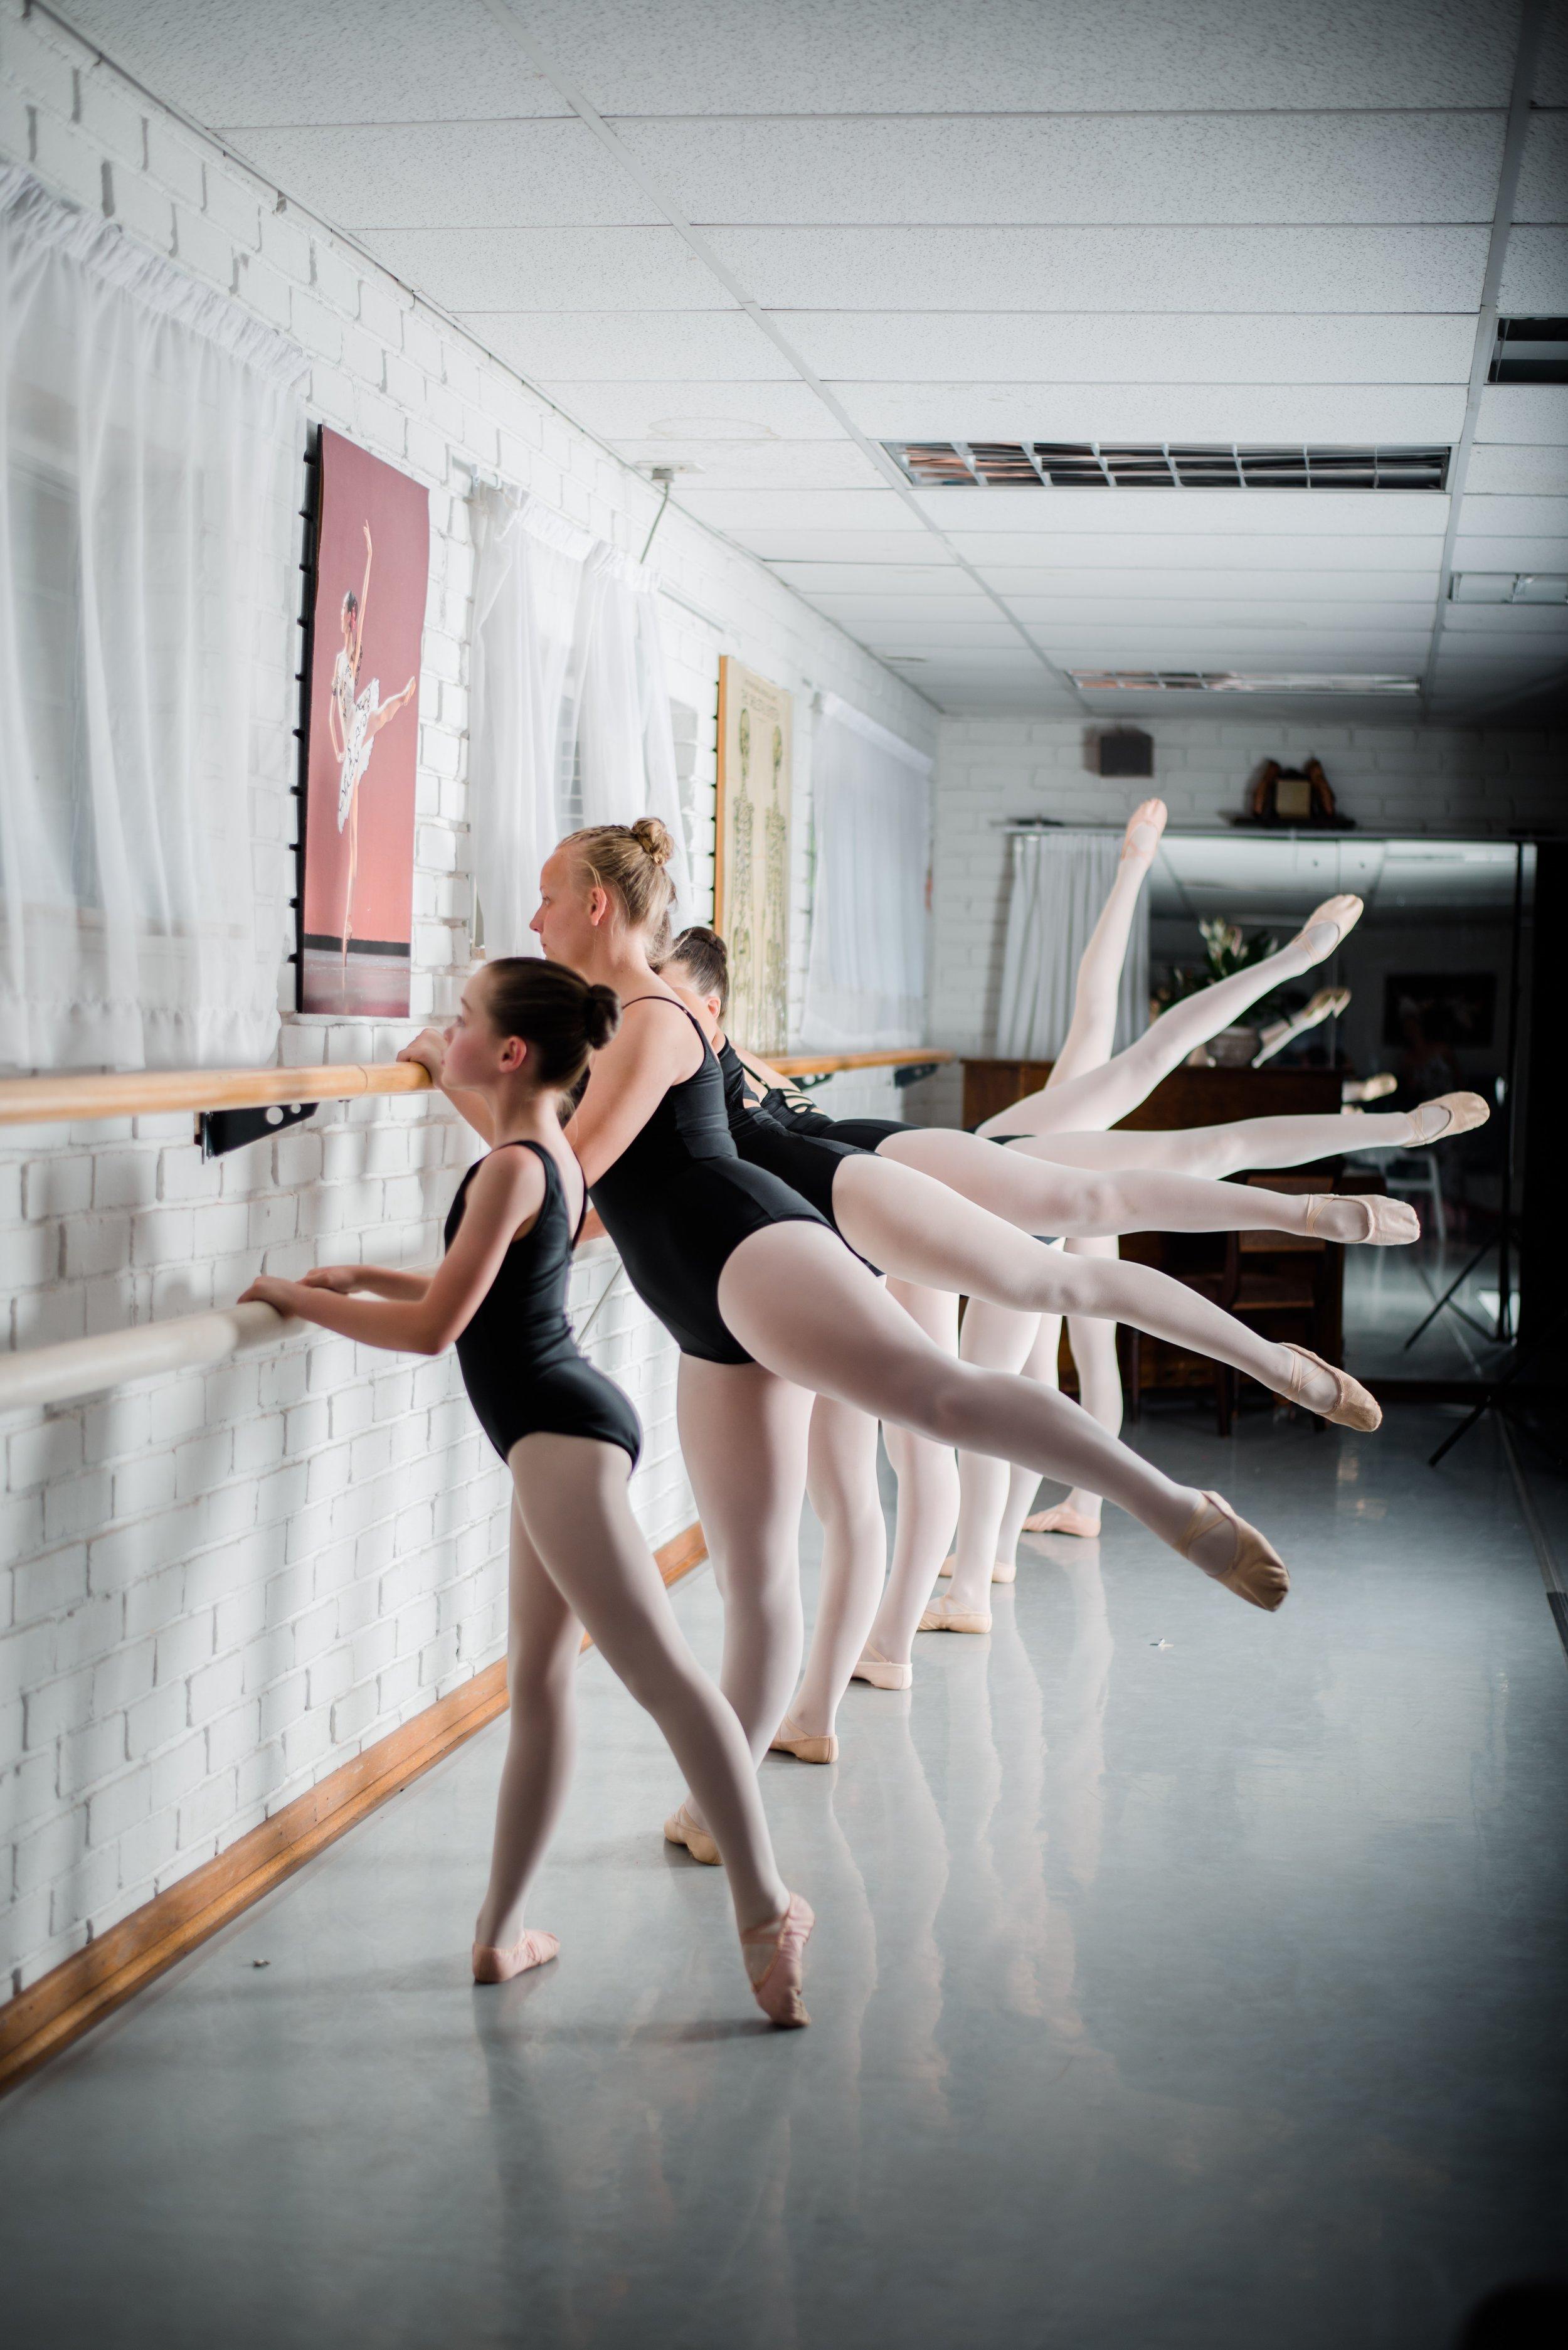 ballerinas-ballet-class-ballet-dancers-1638734.jpg